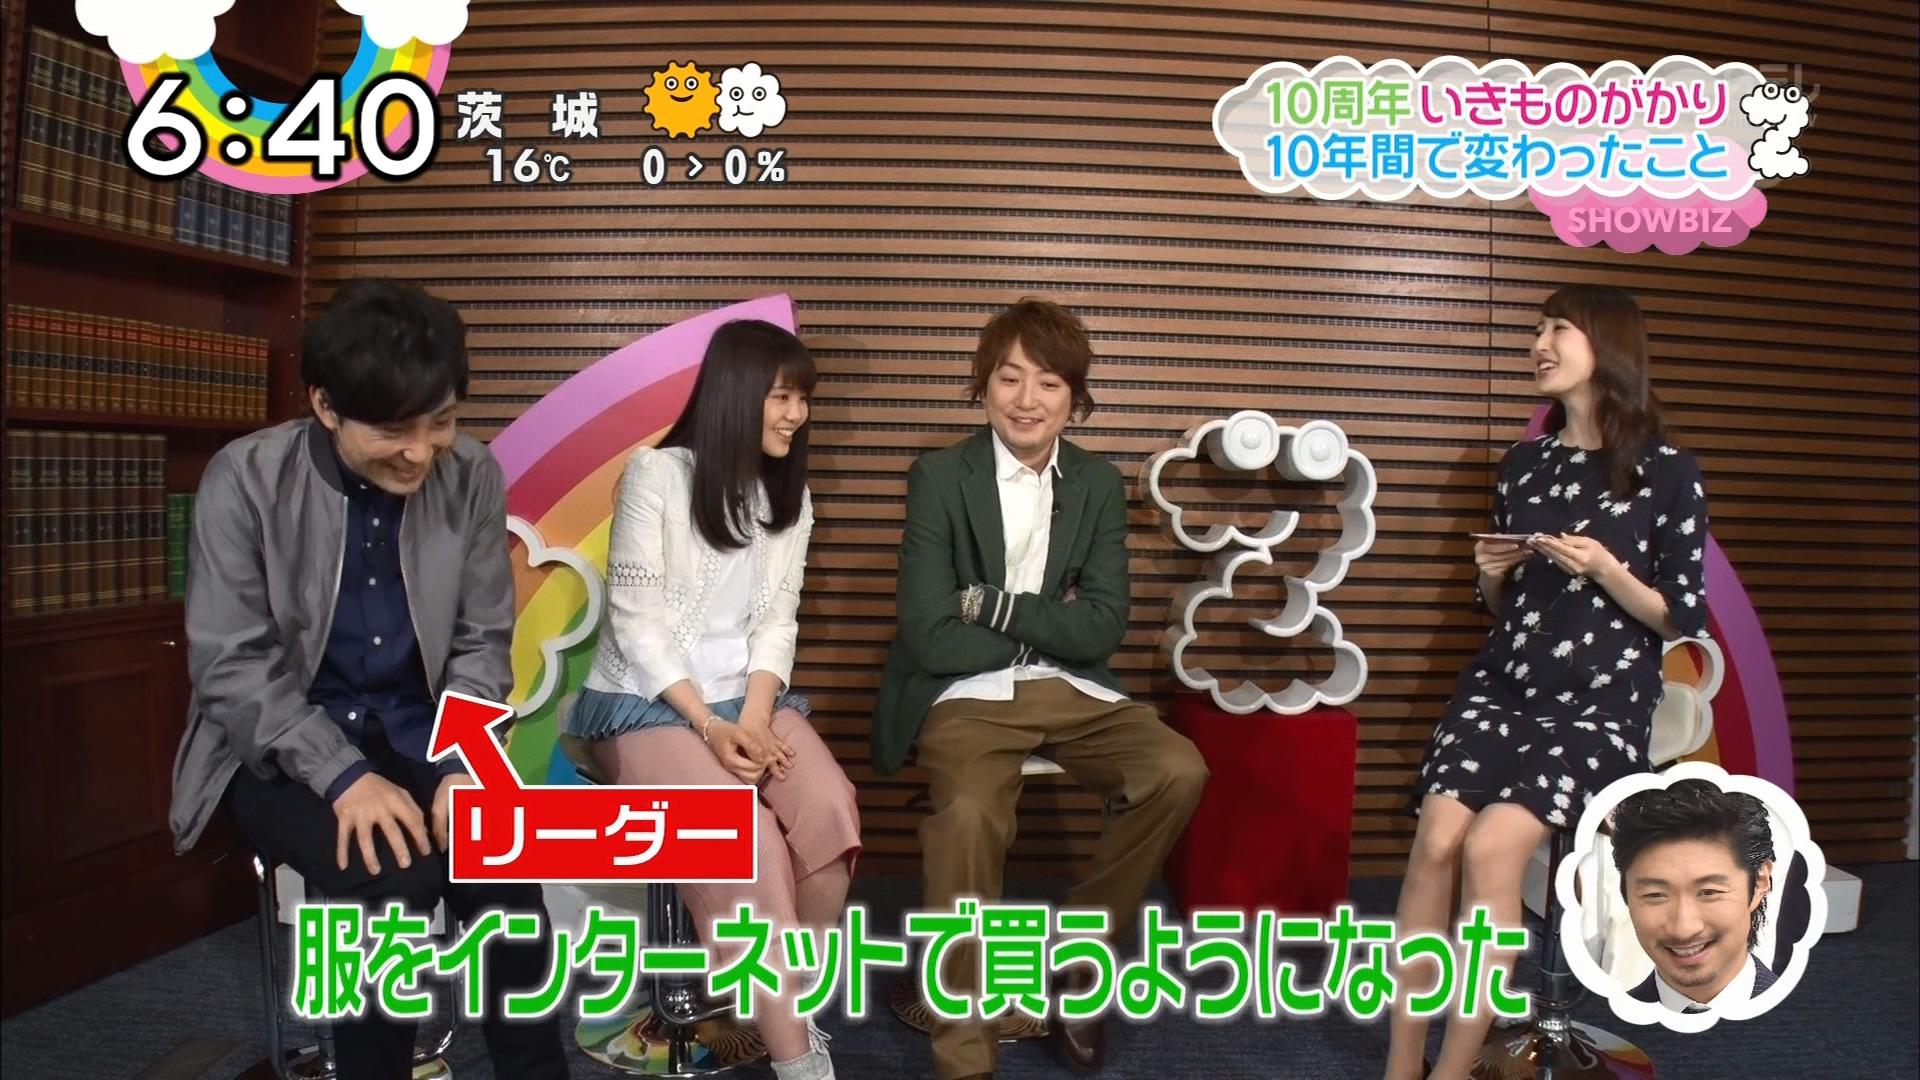 2016.03.22 10周年 いきものがかり - アルバム8作連続1位(ZIP!).ts_20160322_140915.208